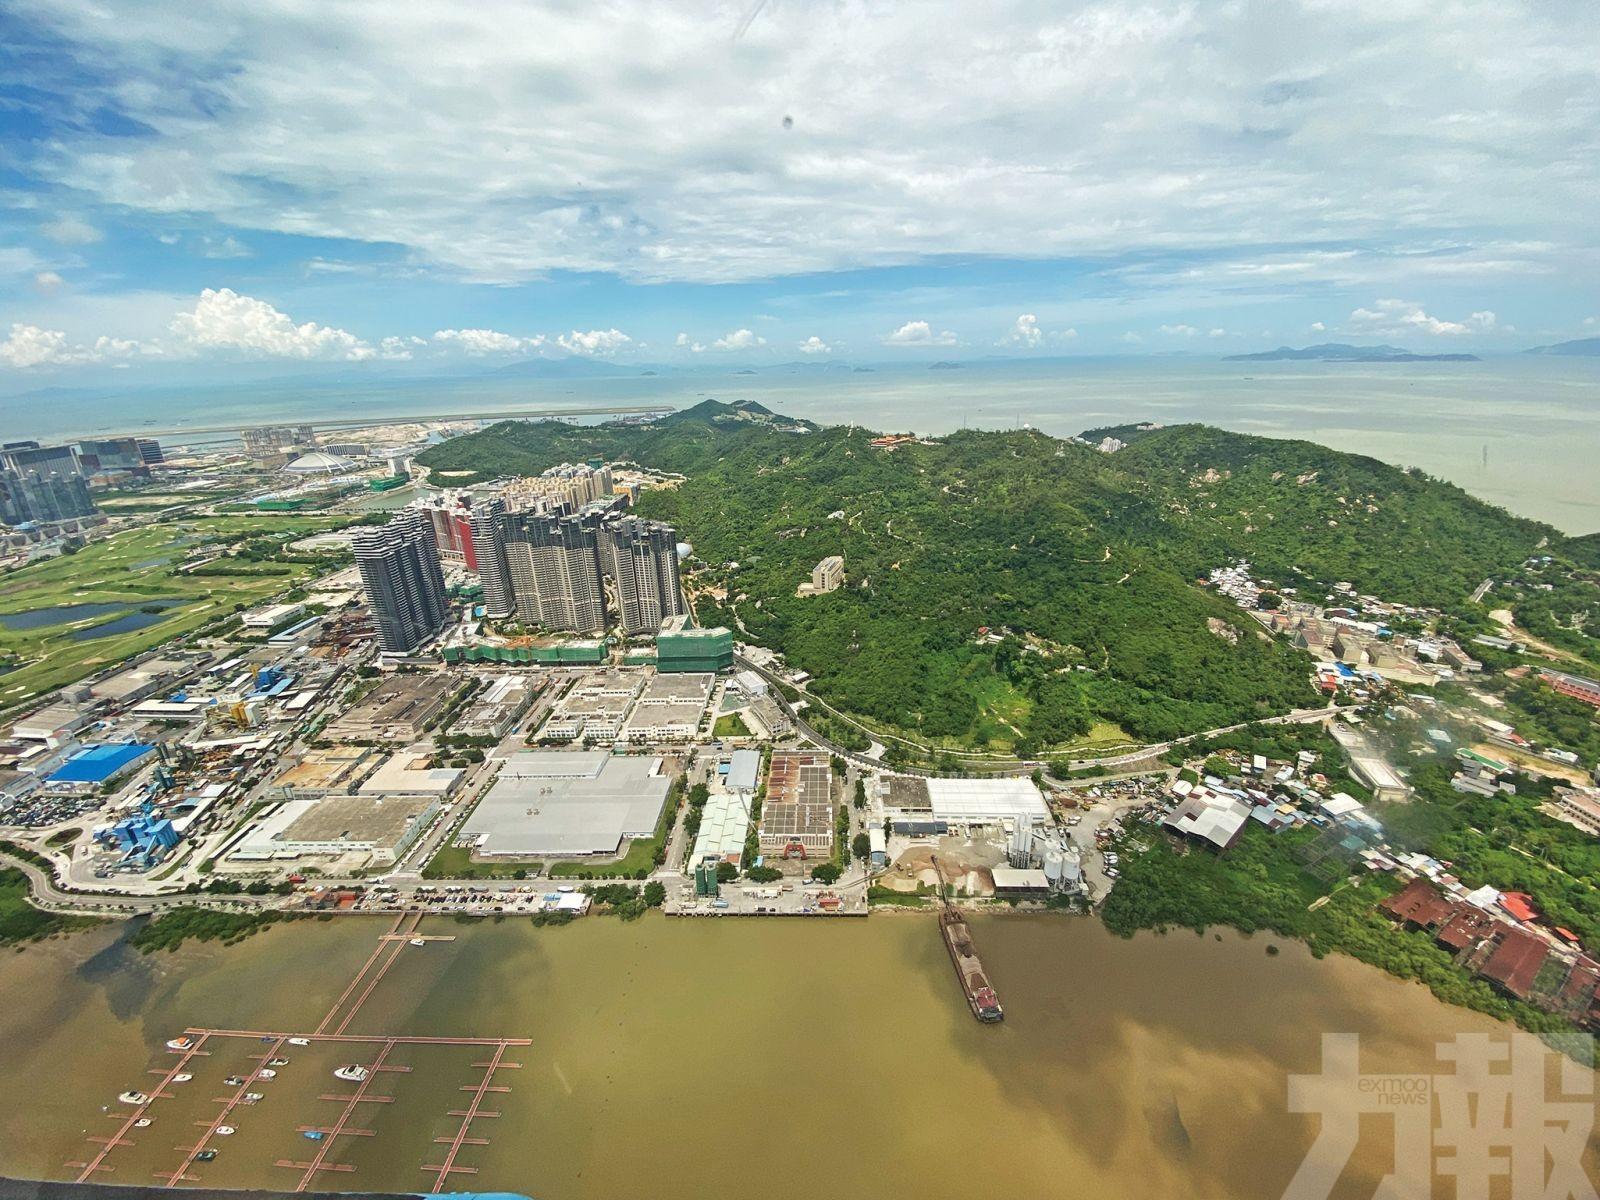 聯生工業邨規劃發展低污染高科技產業